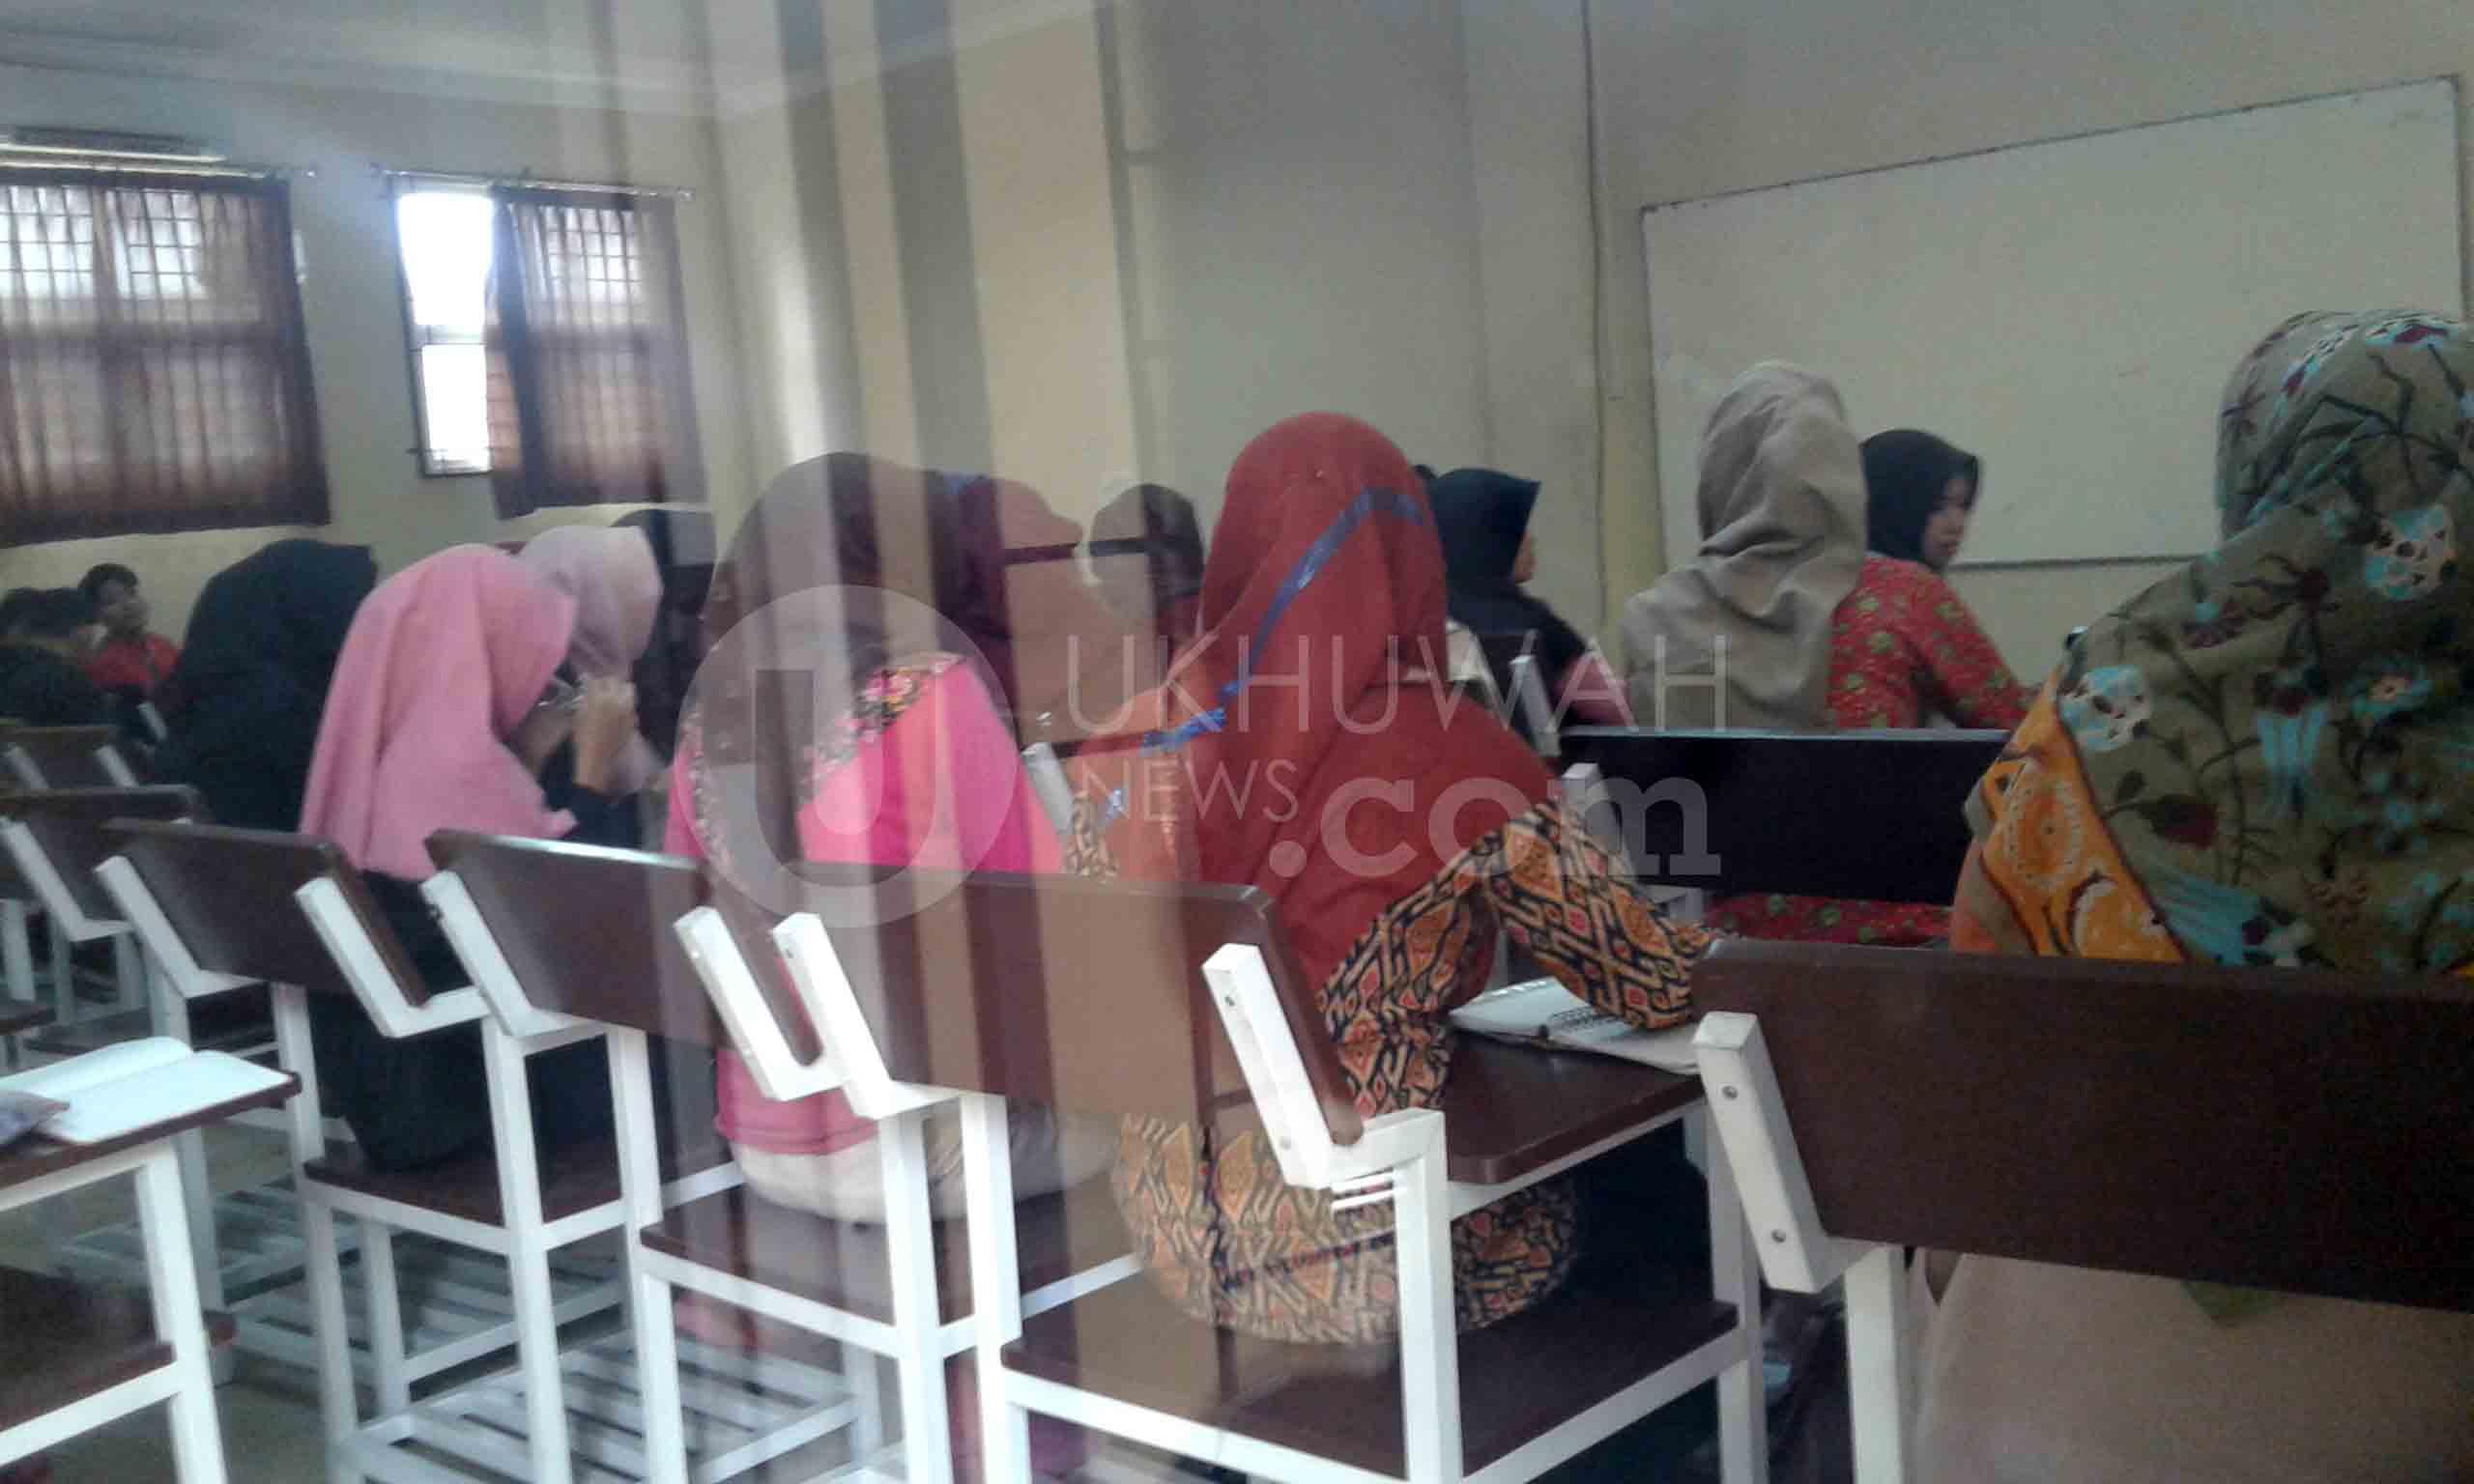 Mahasiswa Jurusan Sistem Informasi (SI) Universitas Islam Negeri Raden Fatah (UIN RF) menggunakan ruang belajar di Gedung B Fakultas Dakwah dan Komunikasi (Fadkom).Selasa,(07/03/17).Ukhuwahnews/Rahmi Widya